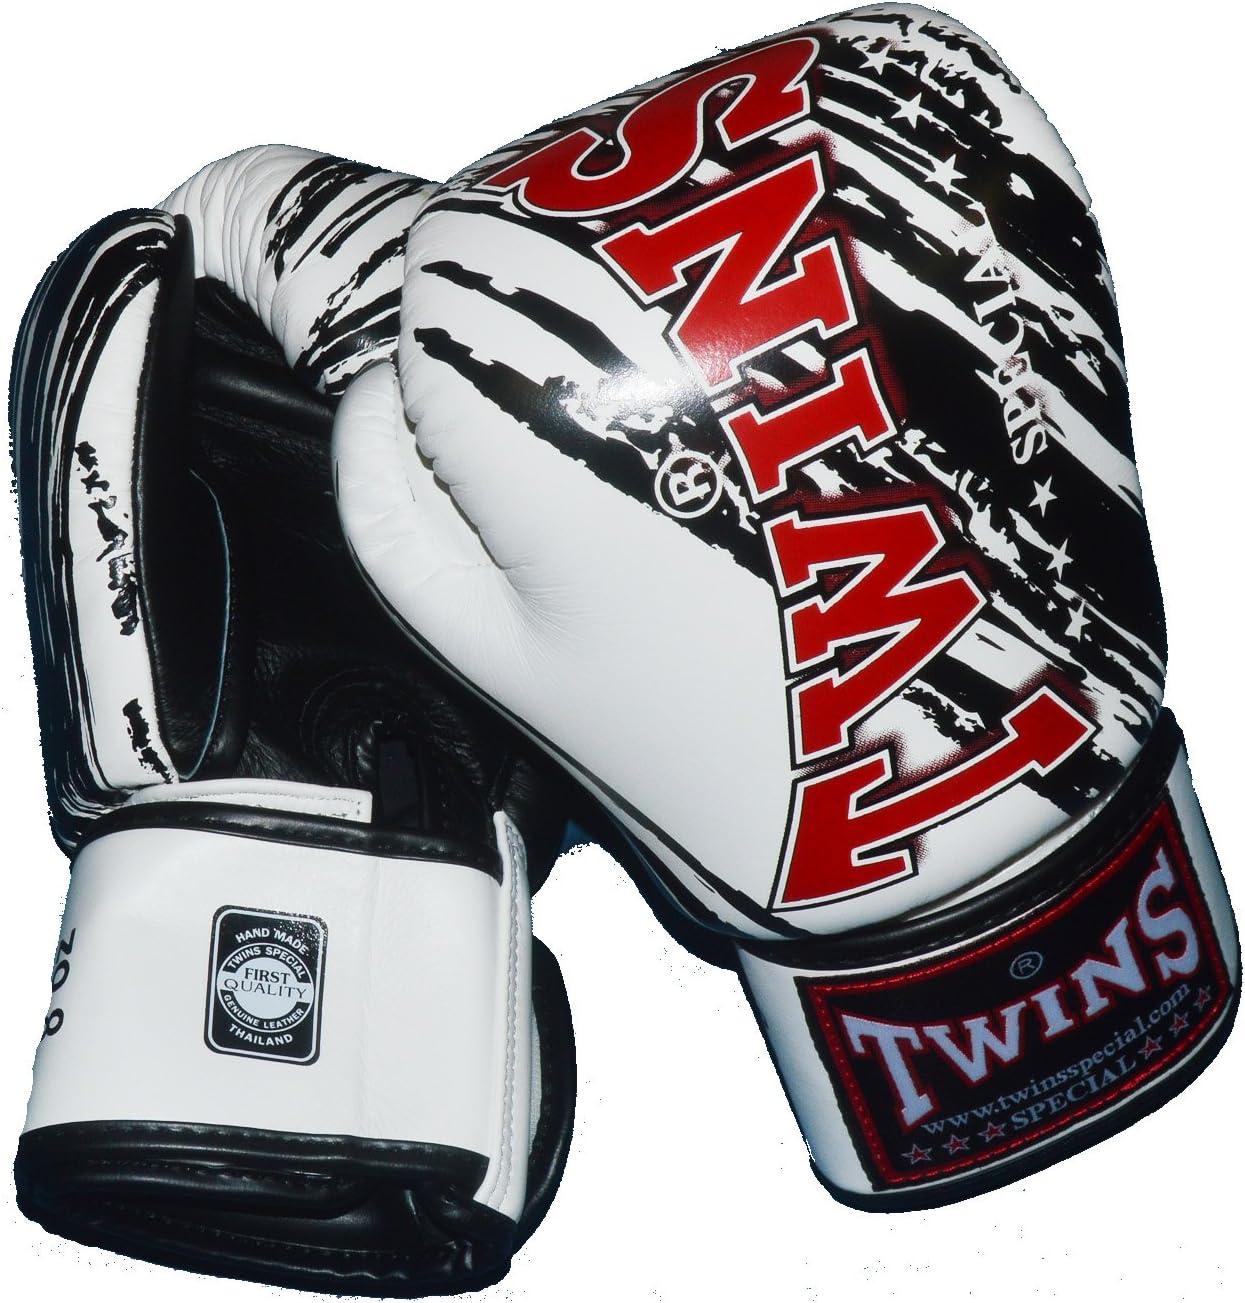 TWINS本革ボクシンググローブ ストライプ3 白  16oz